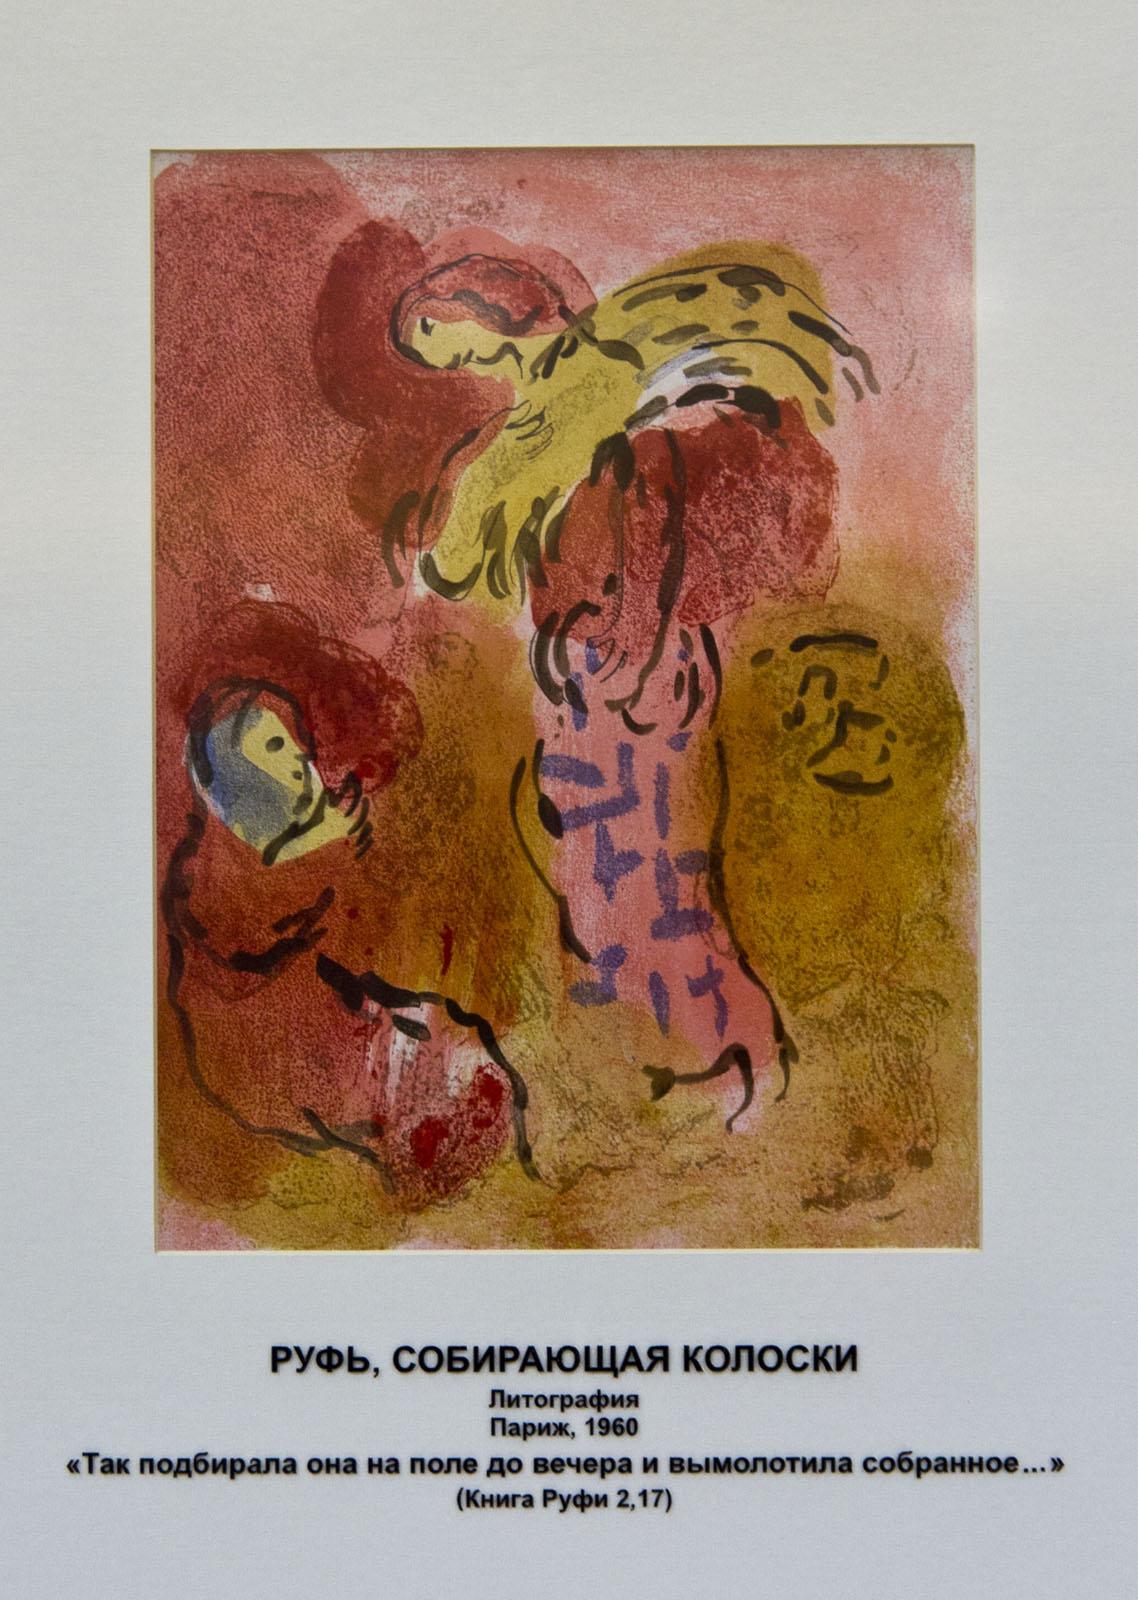 Фото №74461. «Руфь собирающая колоски», Марк Шагал, литография, Париж, 1960